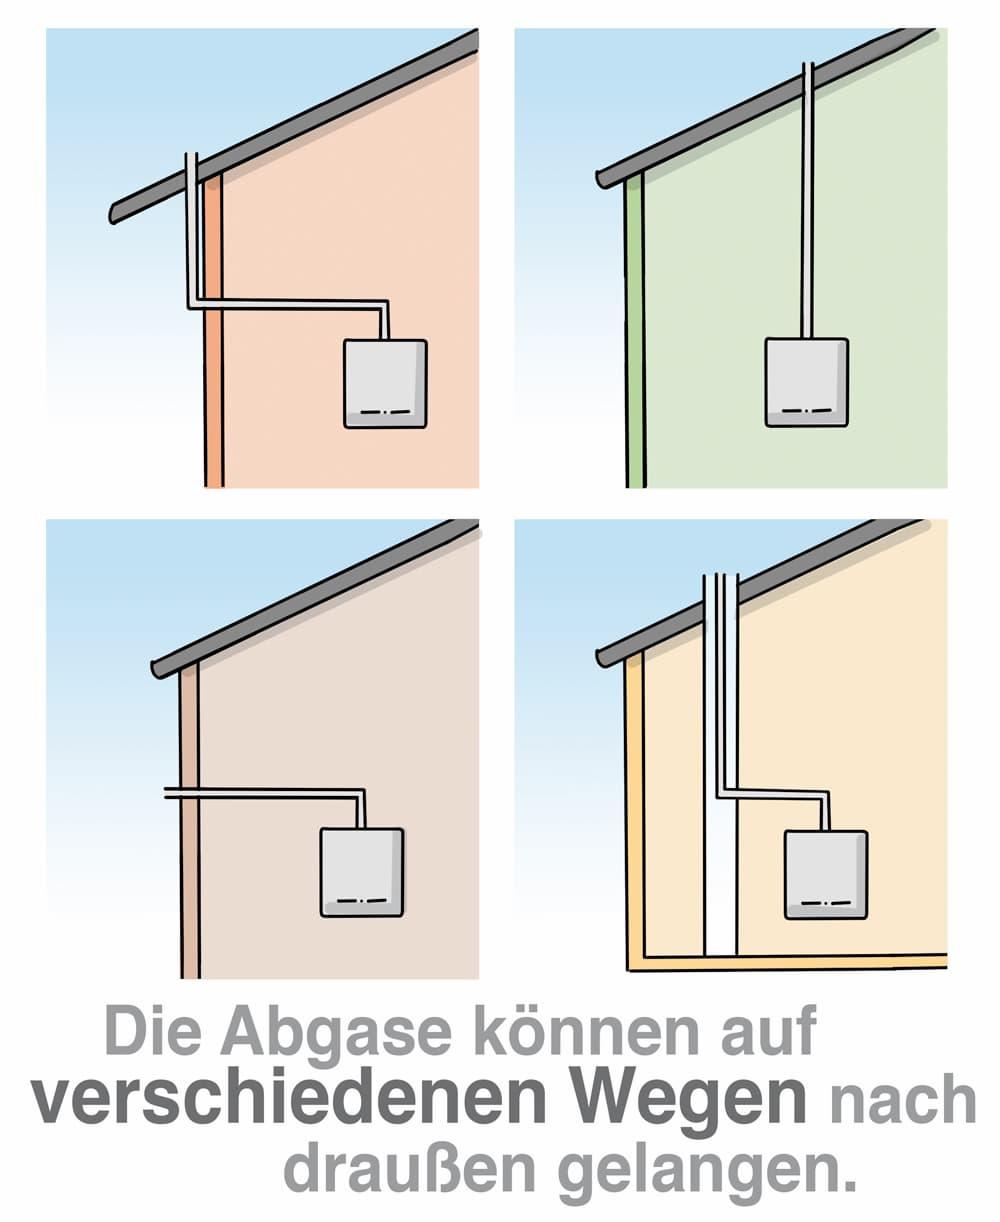 Gasheizung: Die Abgase können auf verschiedenen Wegen nach Draußen gelangen